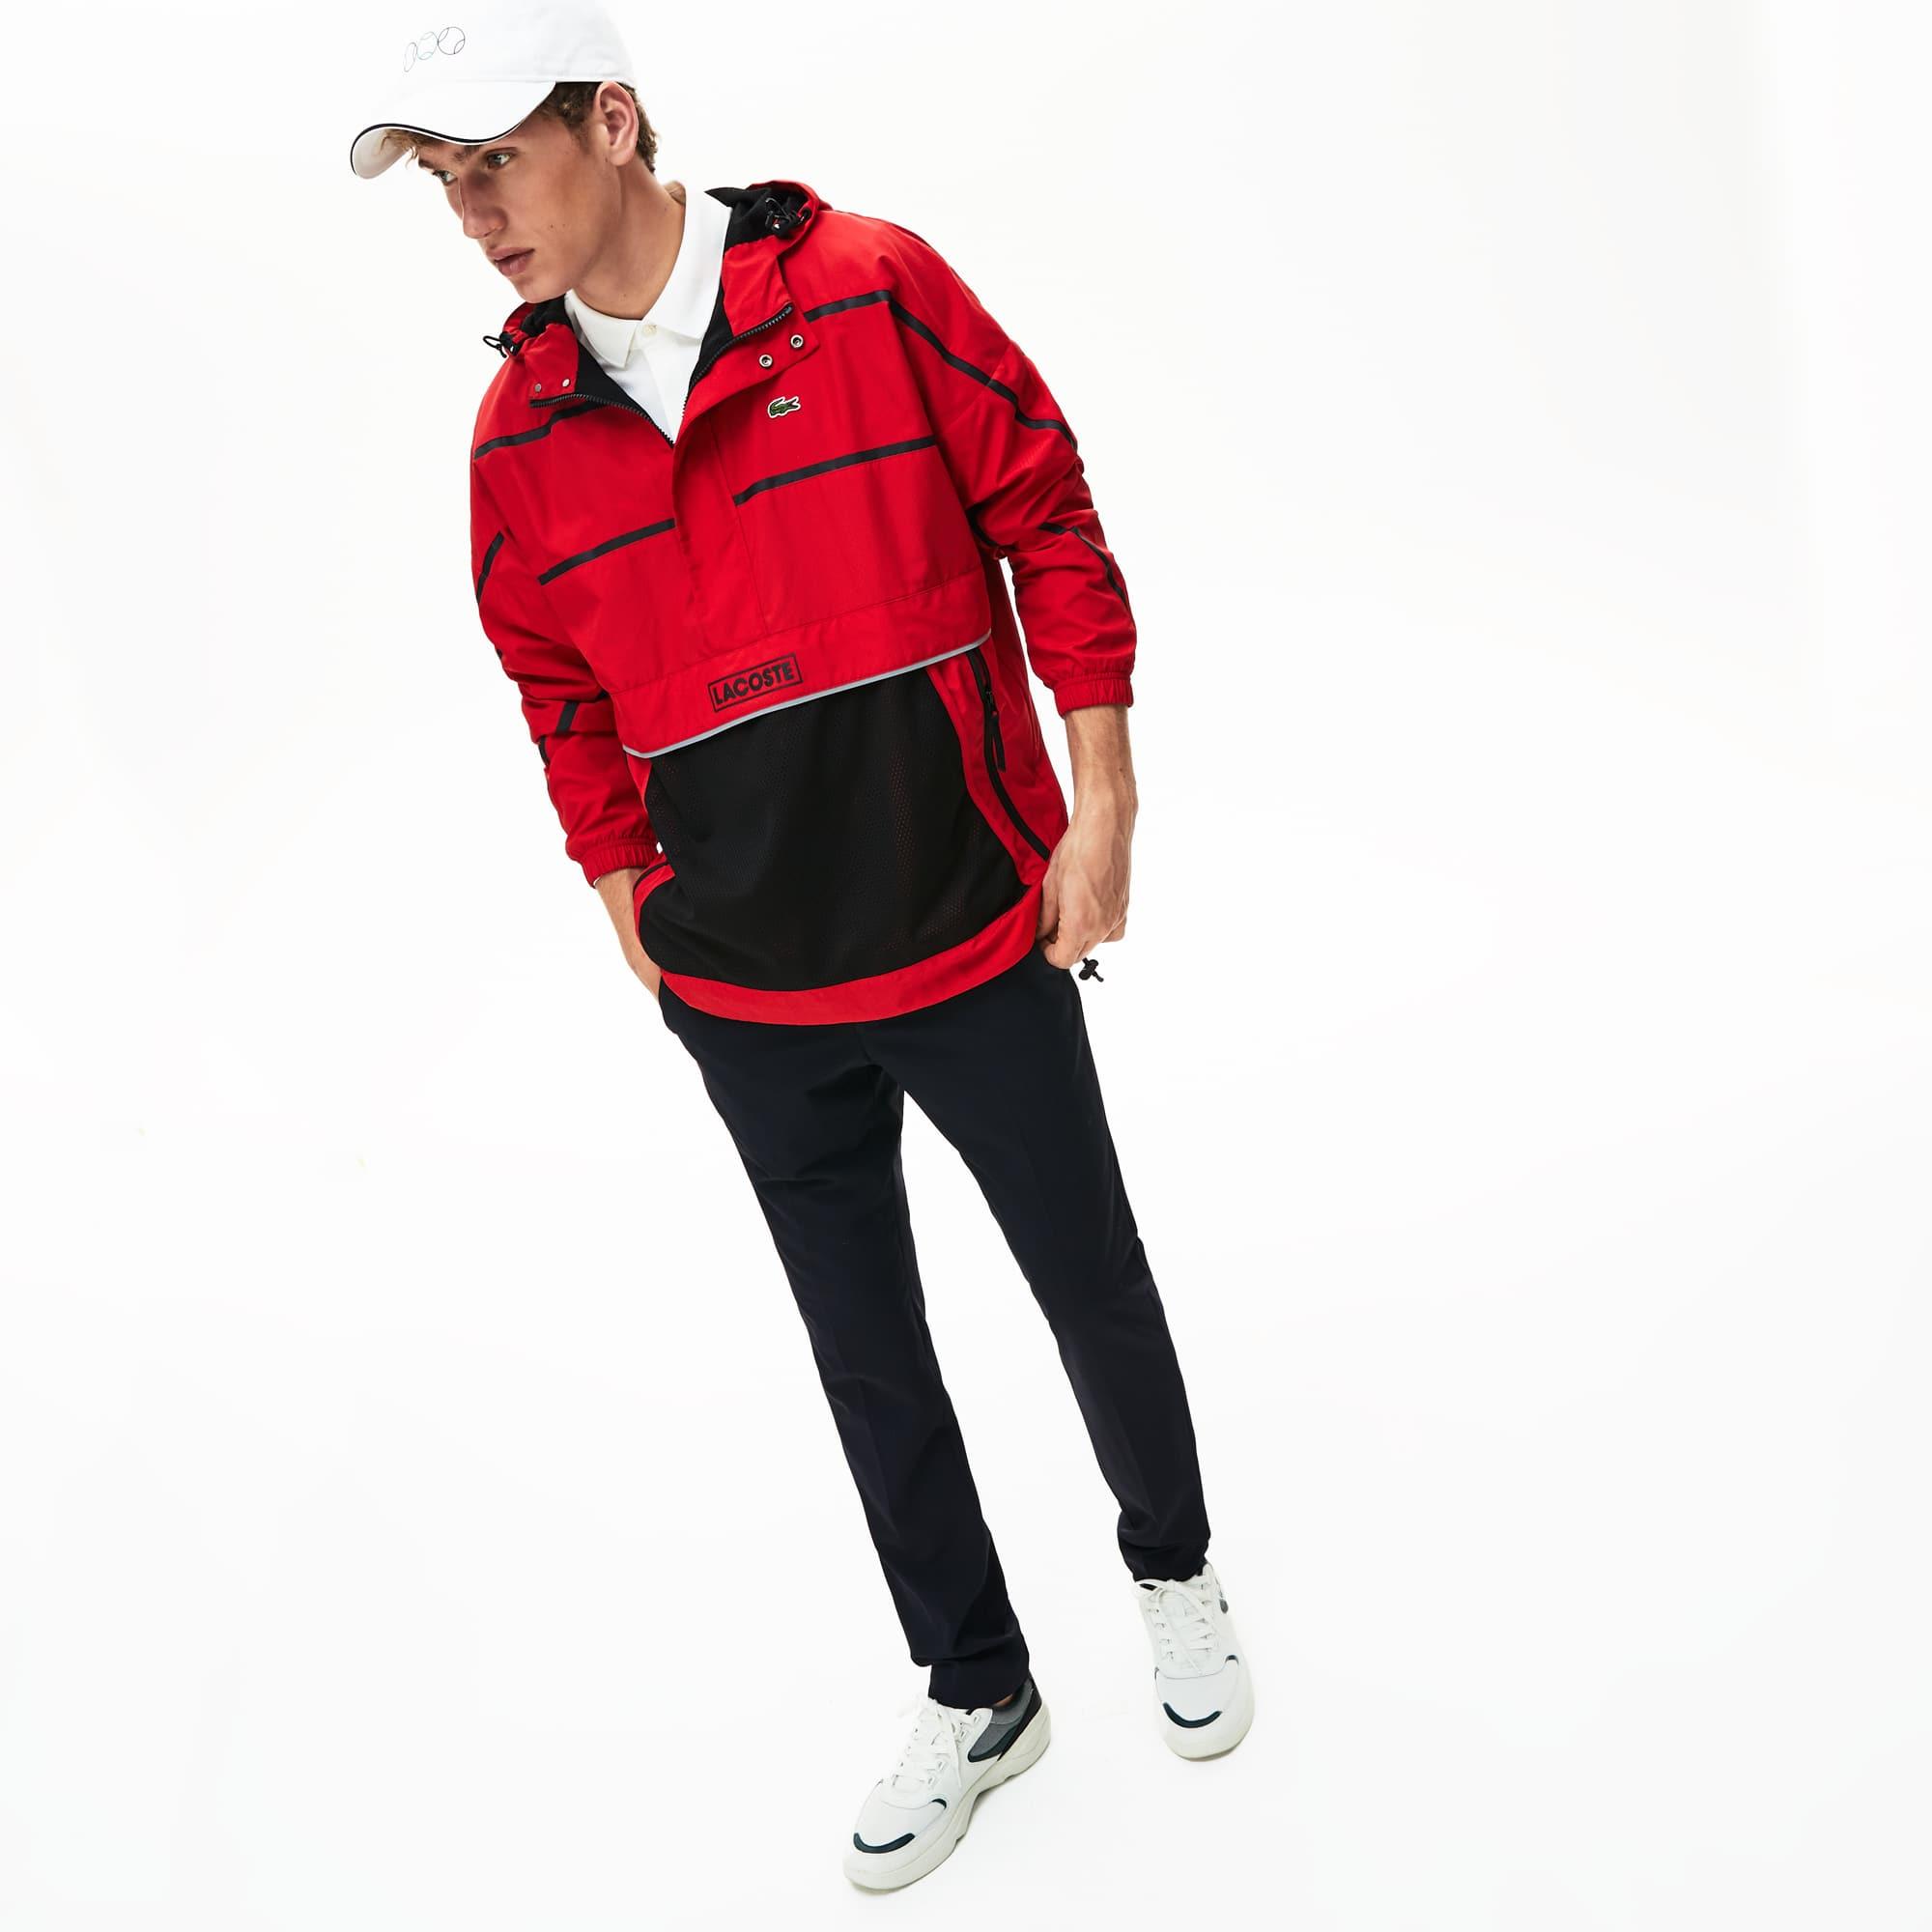 54dc677ec2 Manteaux & Blousons | Vêtements Homme | LACOSTE